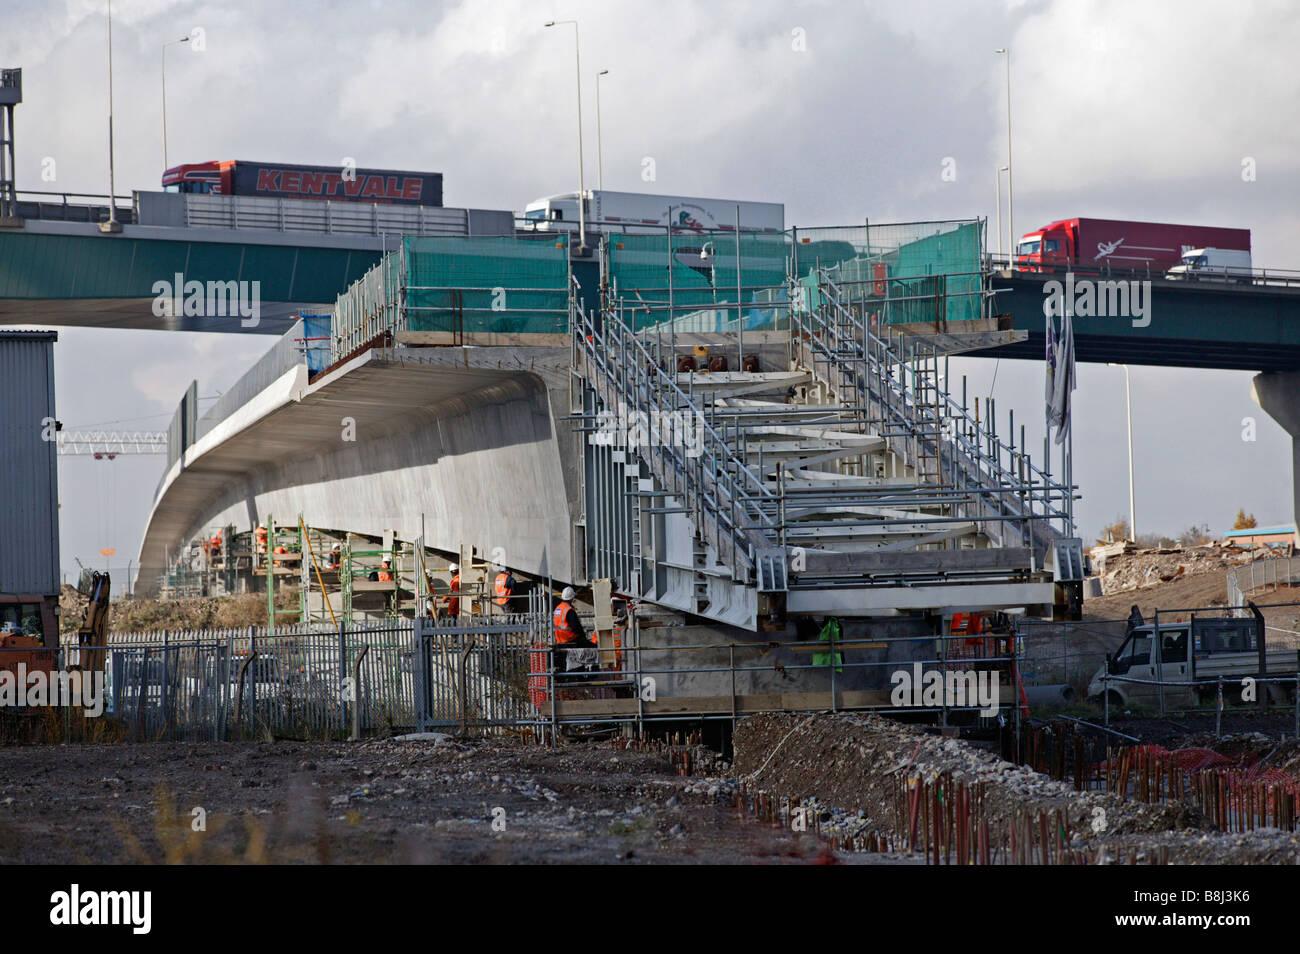 """Incrementalmente lanzó """"Thurrock Viaducto empuja debajo de la autopista M25 por enormes gatos hidráulicos en el Channel Tunnel Rail Link Foto de stock"""